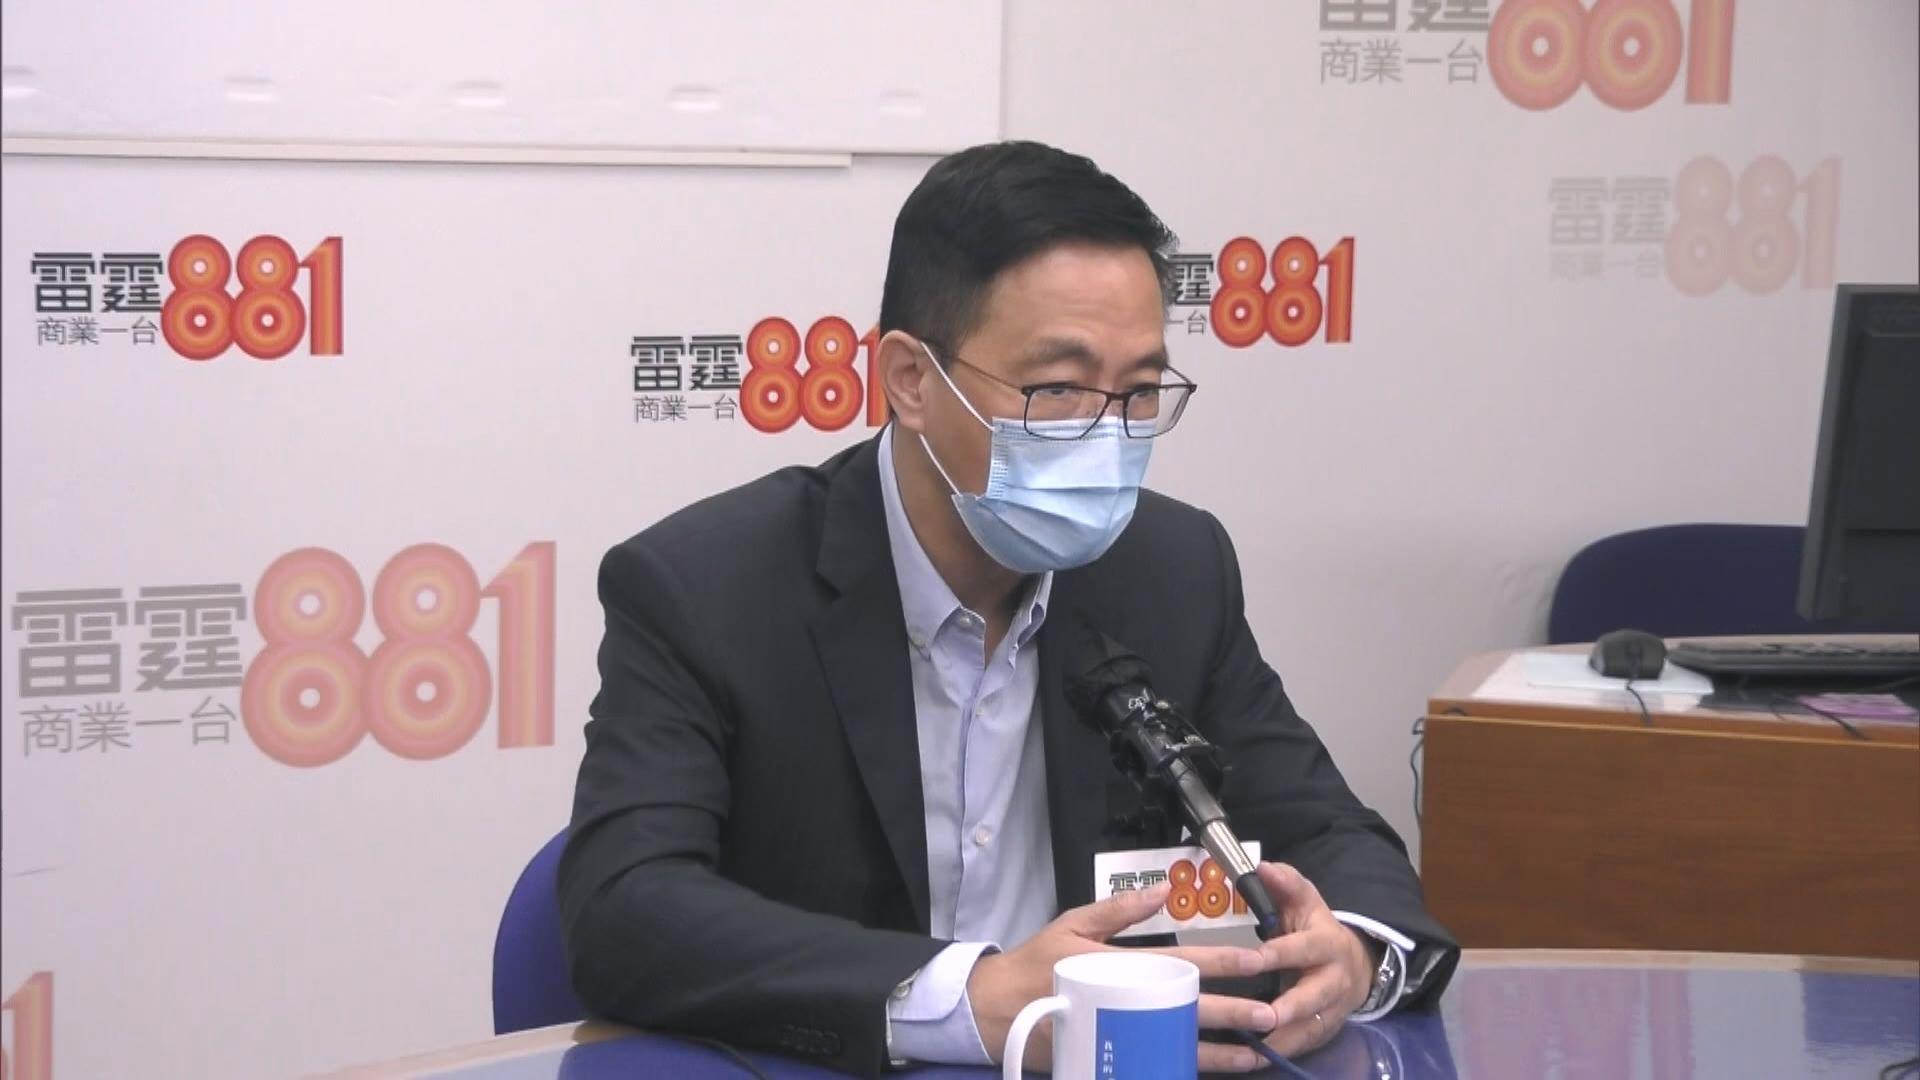 楊潤雄:學校應令學生理解及尊重警察職責